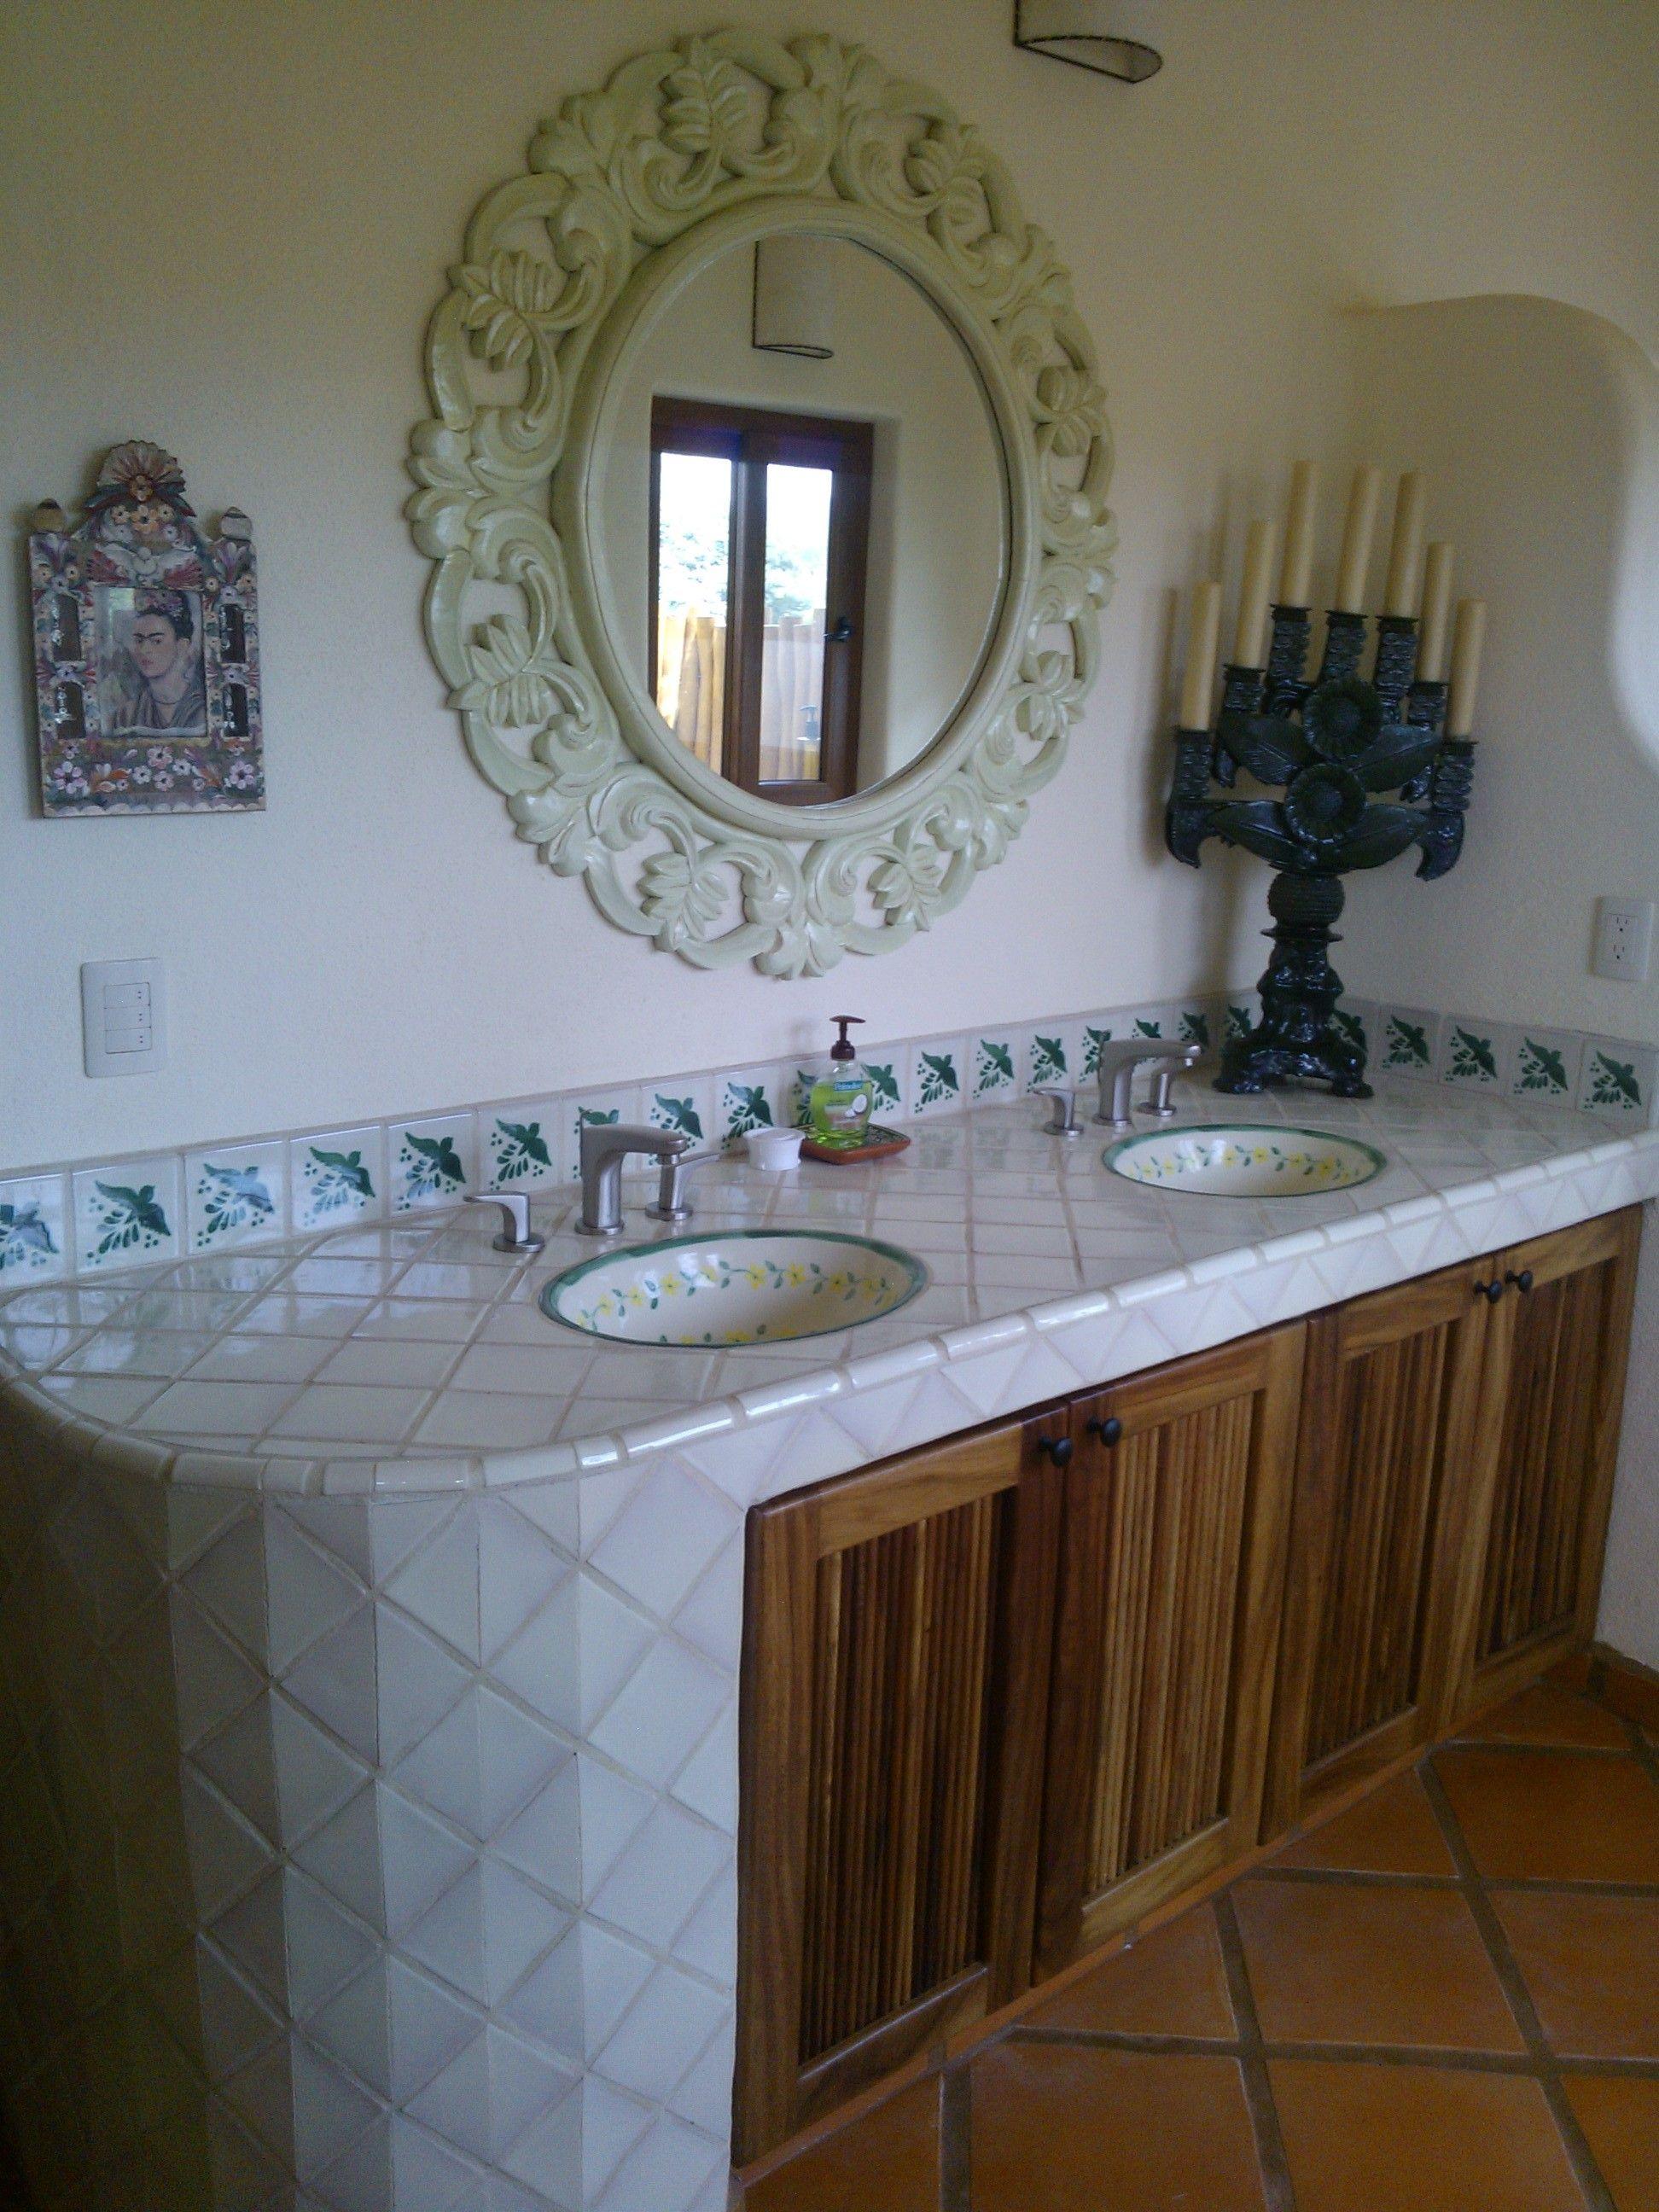 Ba o talavera blanco mexicano cenefa decorada banos for Banos rusticos mexicanos